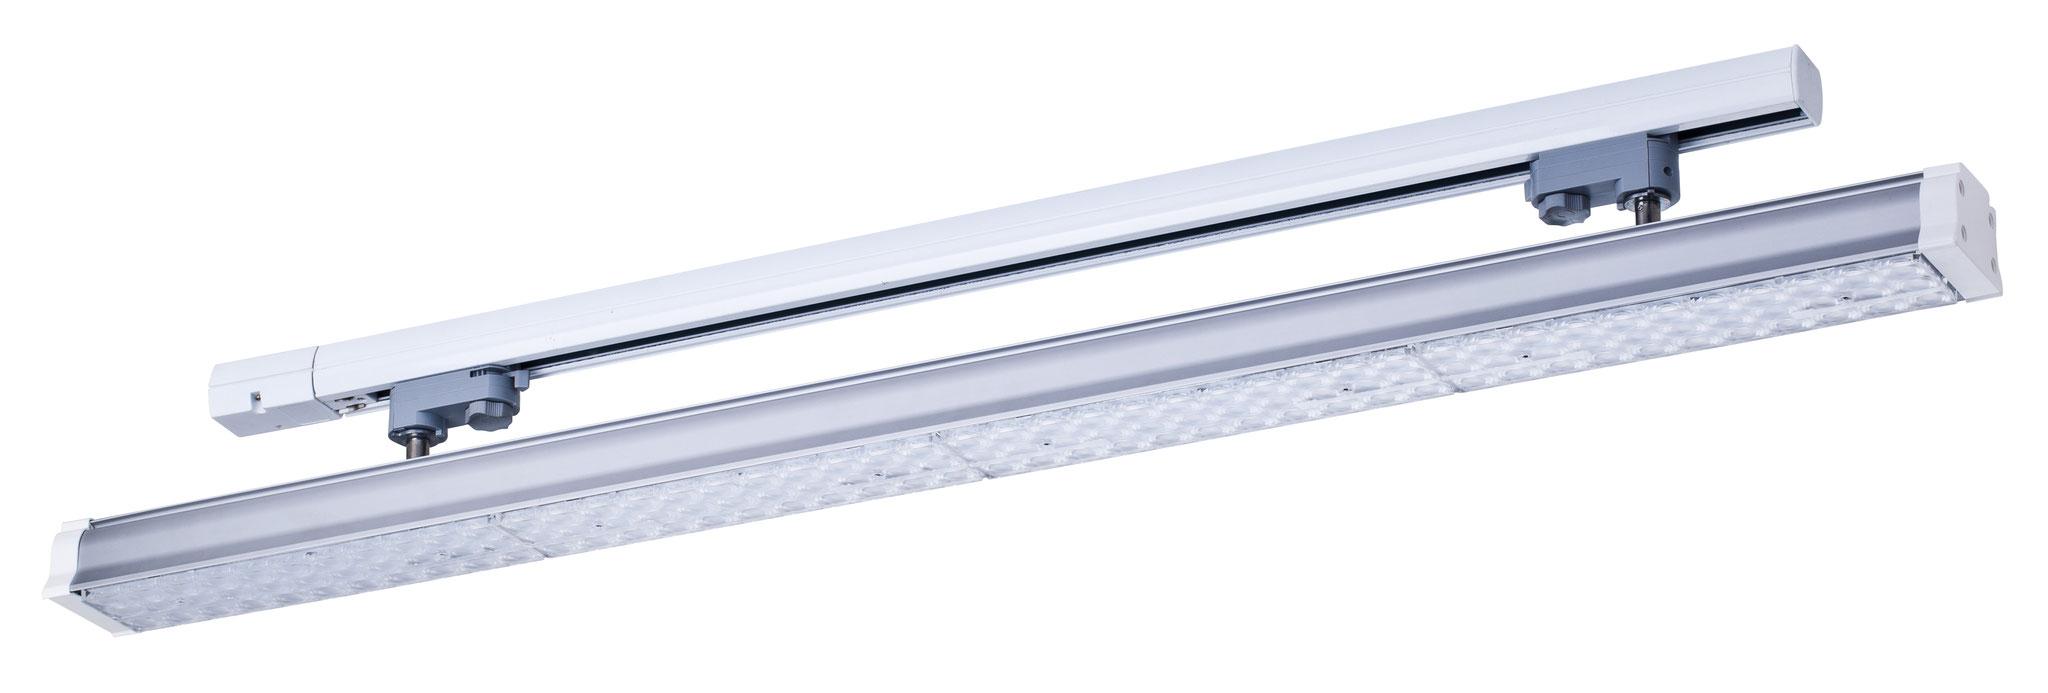 LED Lichtleiste mit 3-Phasen Adapter * 40 Watt * 100 cm * Ausstrahlwinkel 100° * 4.000 lm * Details im Shop